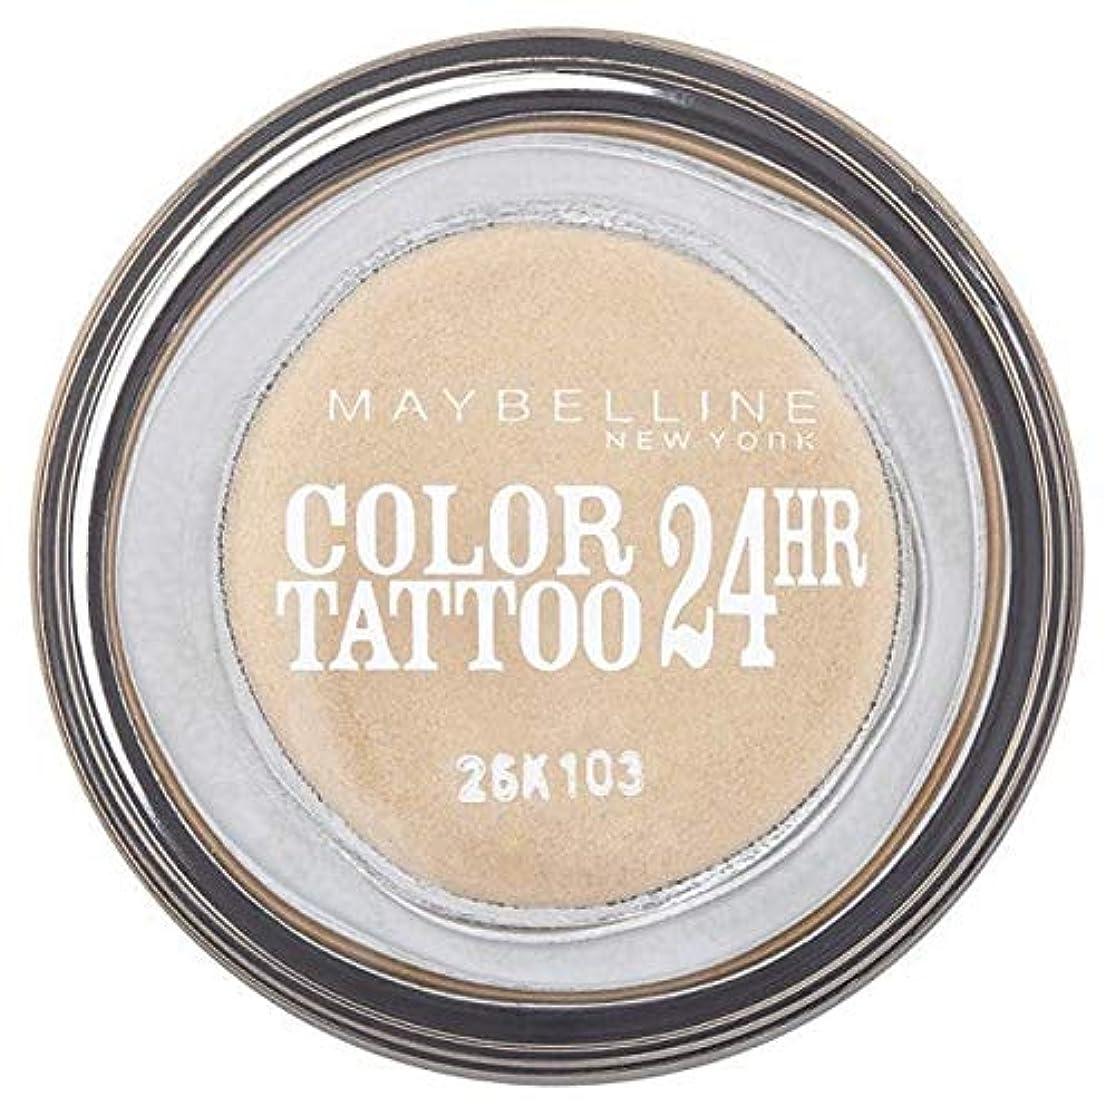 糸ジャングル長いです[Maybelline ] シングルアイシャドウ05金24時間メイベリンカラータトゥー - Maybelline Color Tattoo 24Hr Single Eyeshadow 05 Gold [並行輸入品]